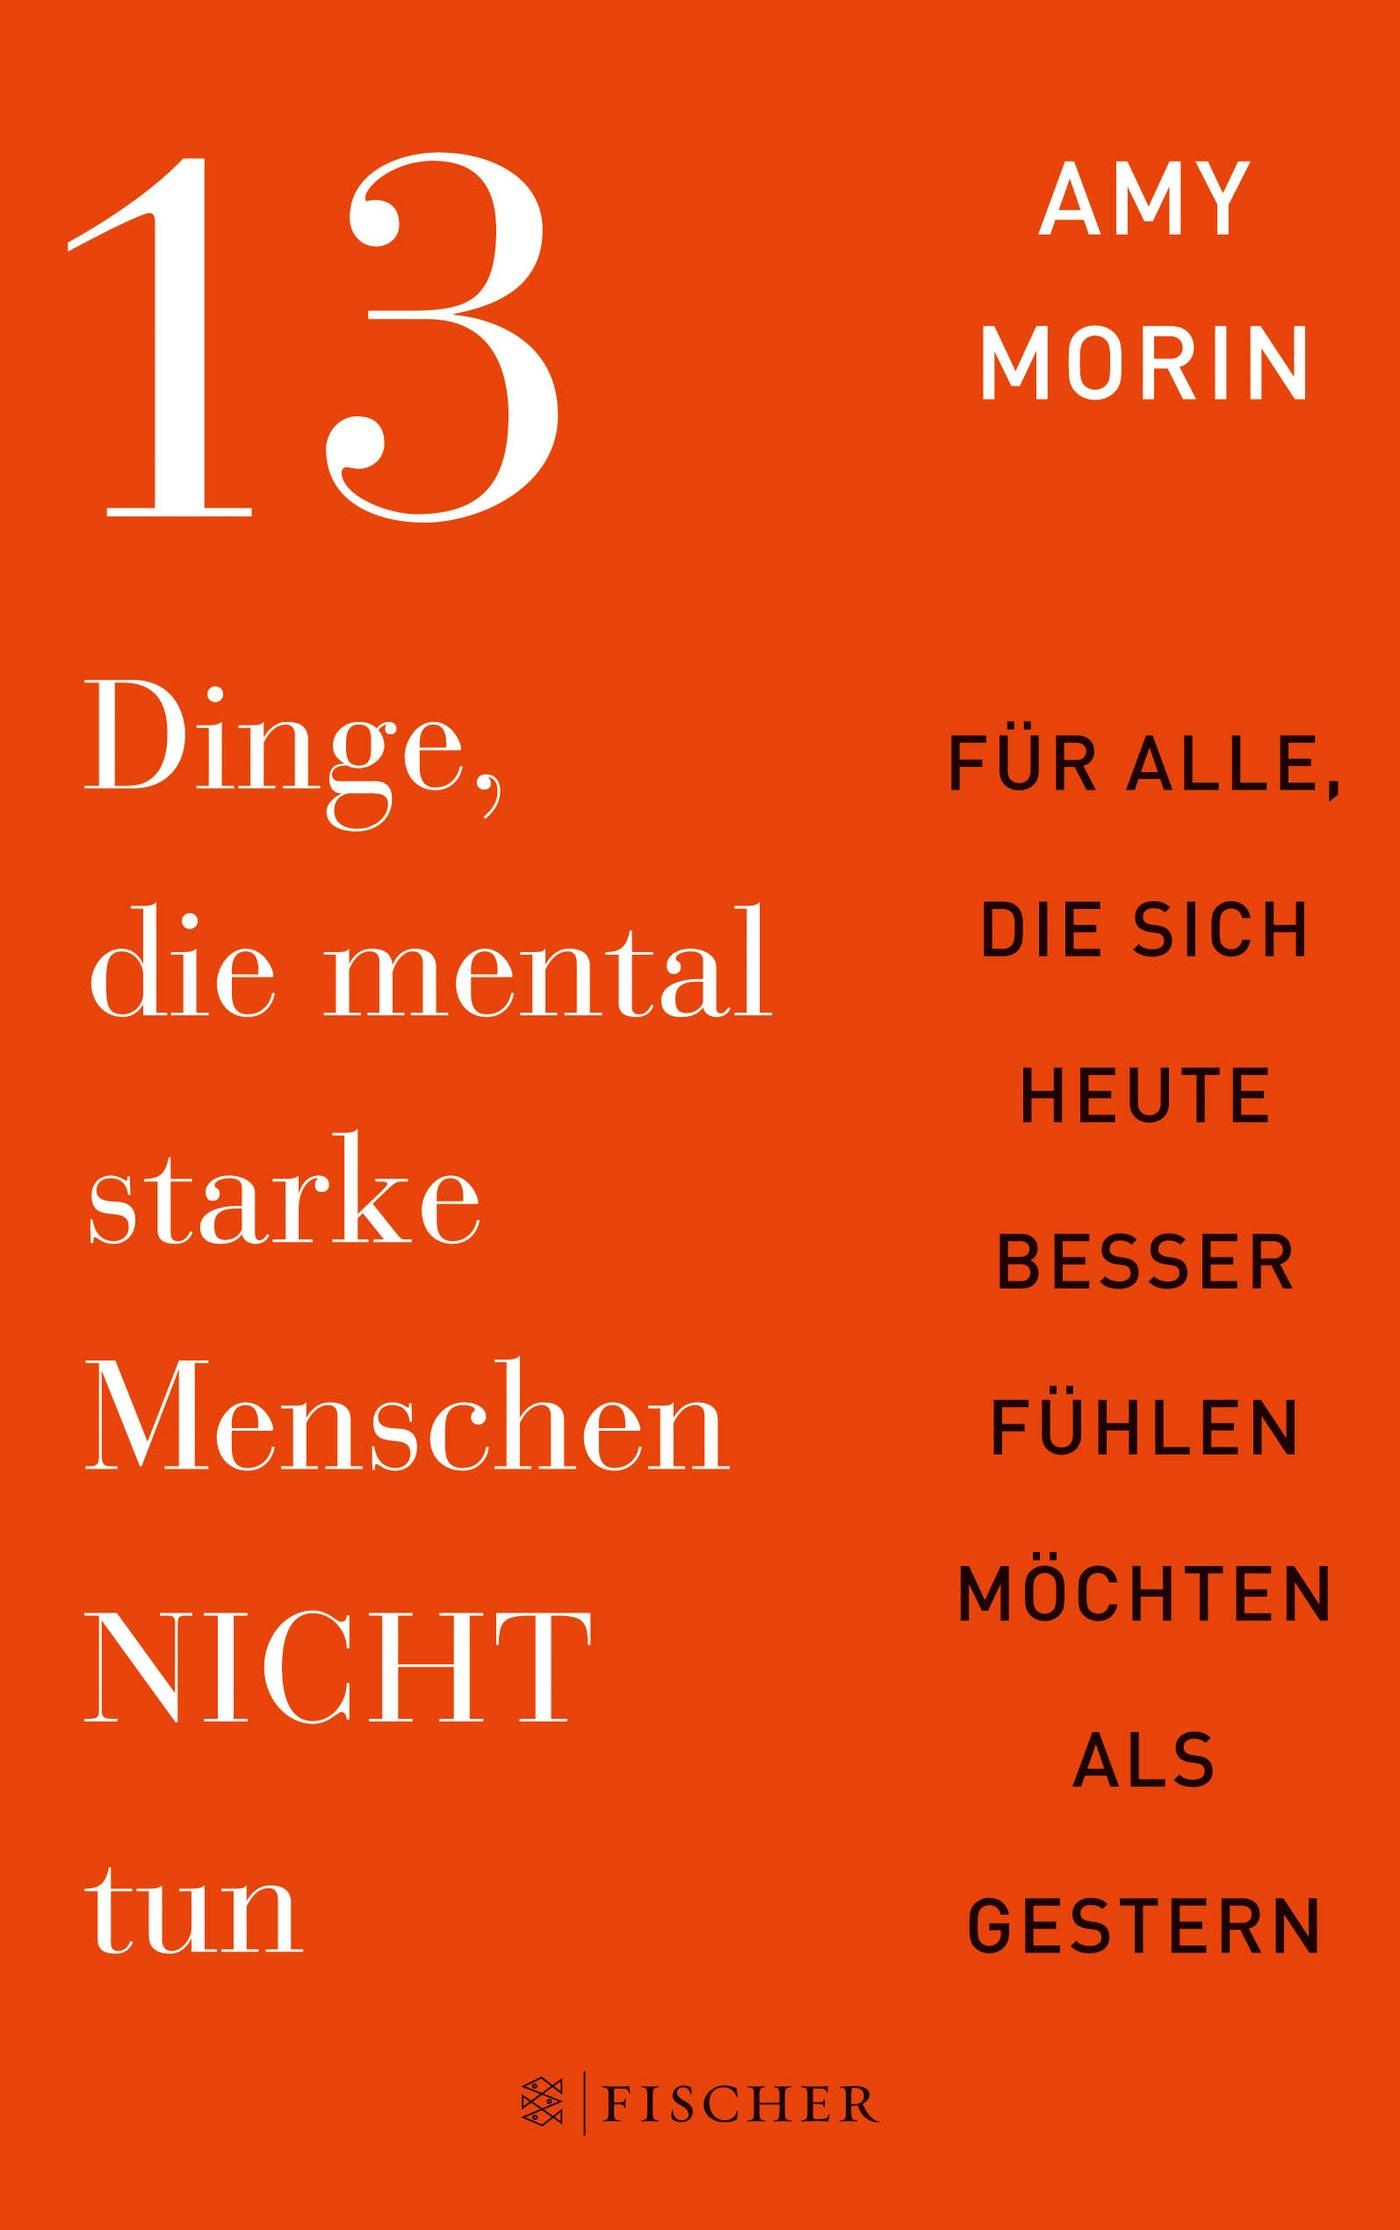 13 Dinge, die mental starke Menschen NICHT tun | Morin, 2016 | Buch (Cover)